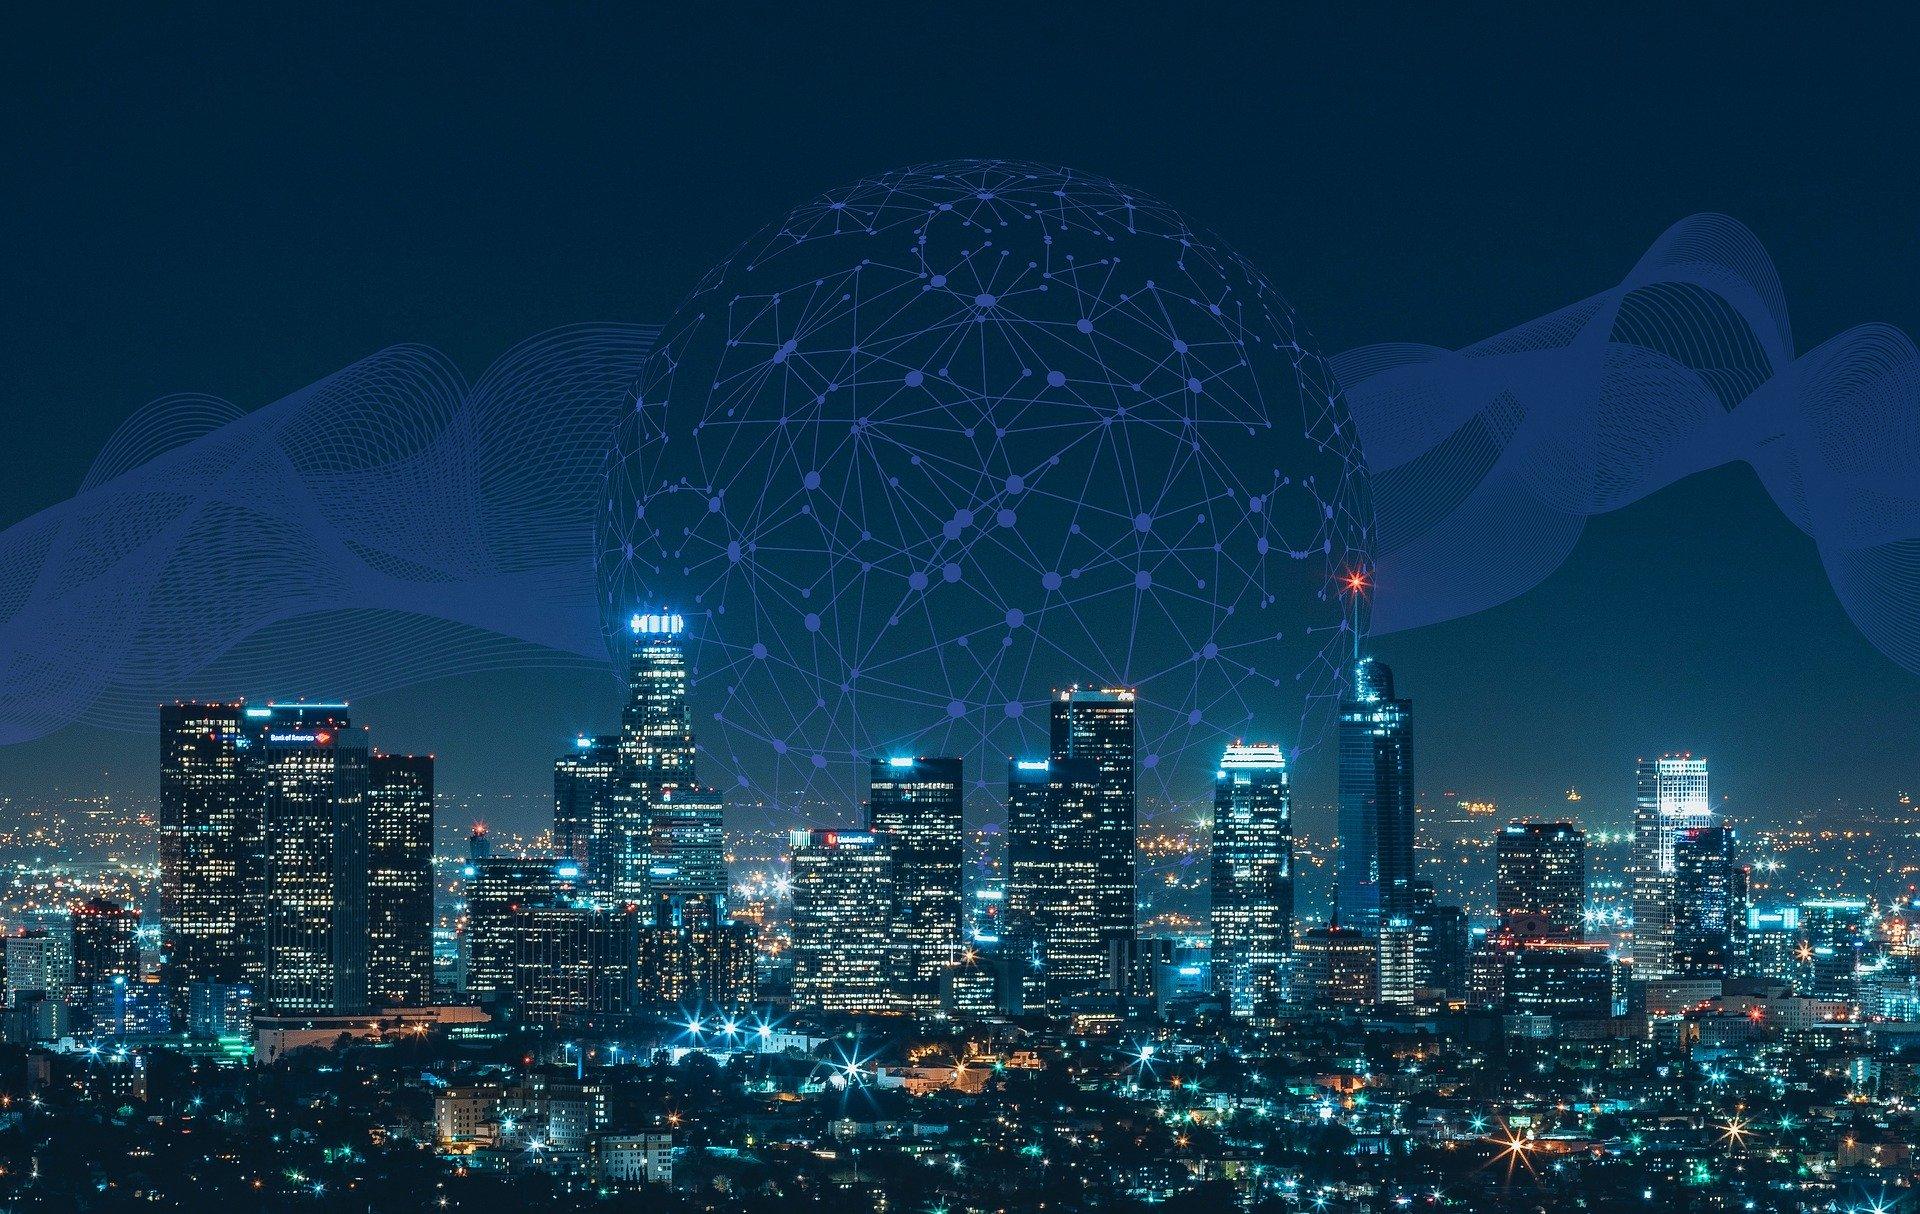 image smartcity innovation data